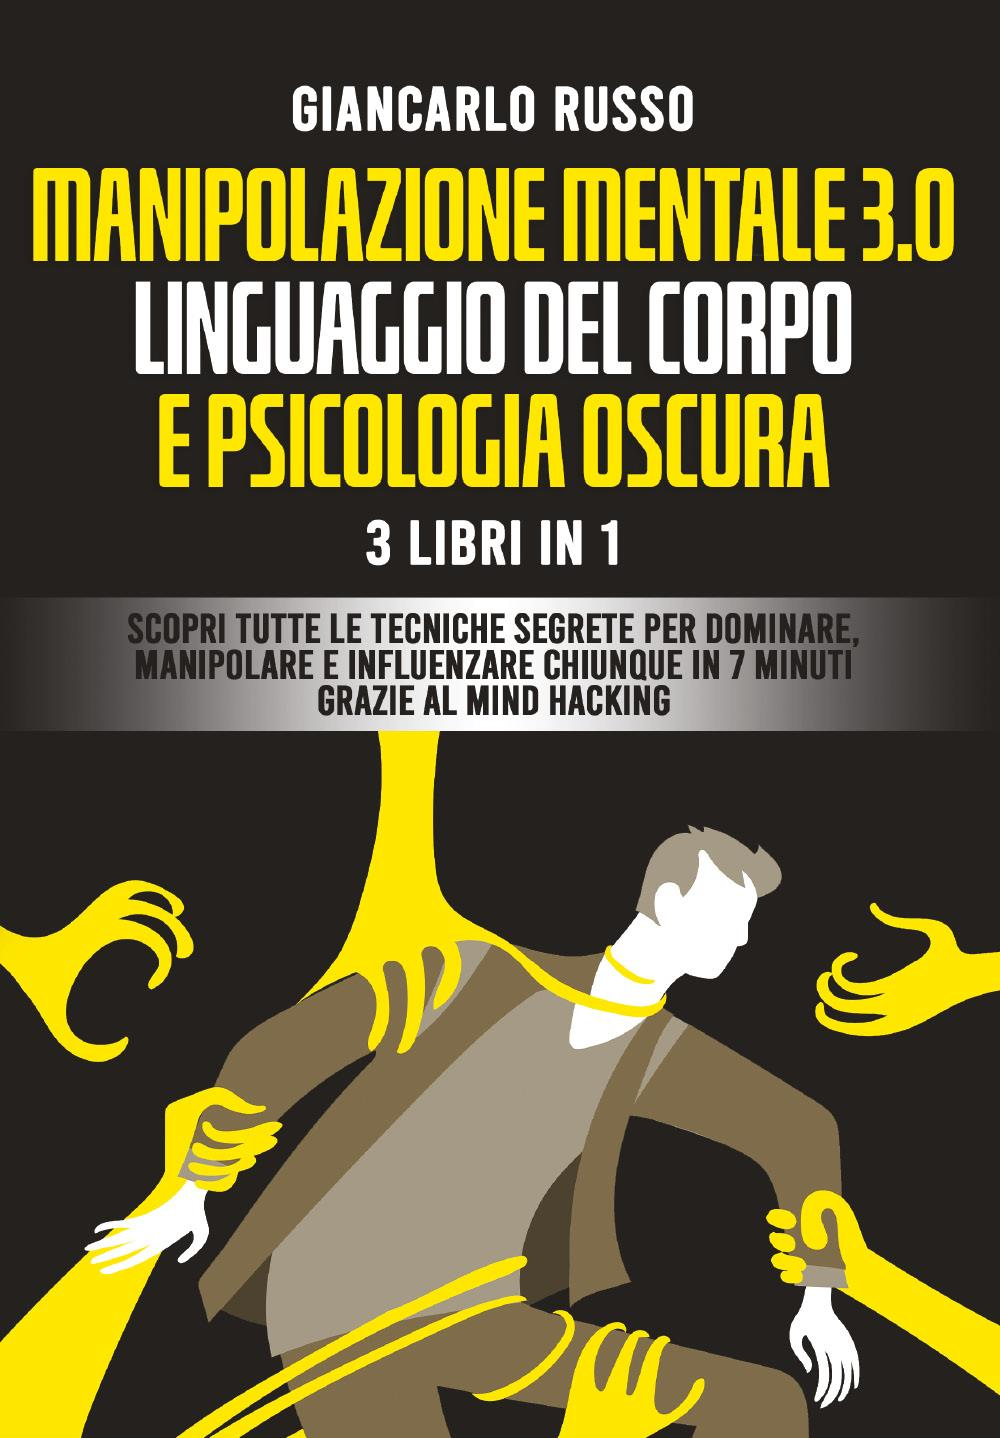 Manipolazione mentale 3.0, linguaggio del corpo e psicologia oscura. 3 Libri in 1. Scopri tutte le Tecniche Segrete per Dominare, Manipolare e Influenzare Chiunque in 7 Minuti Grazie al Mind Hacking e alla Comunicazione Persuasiva